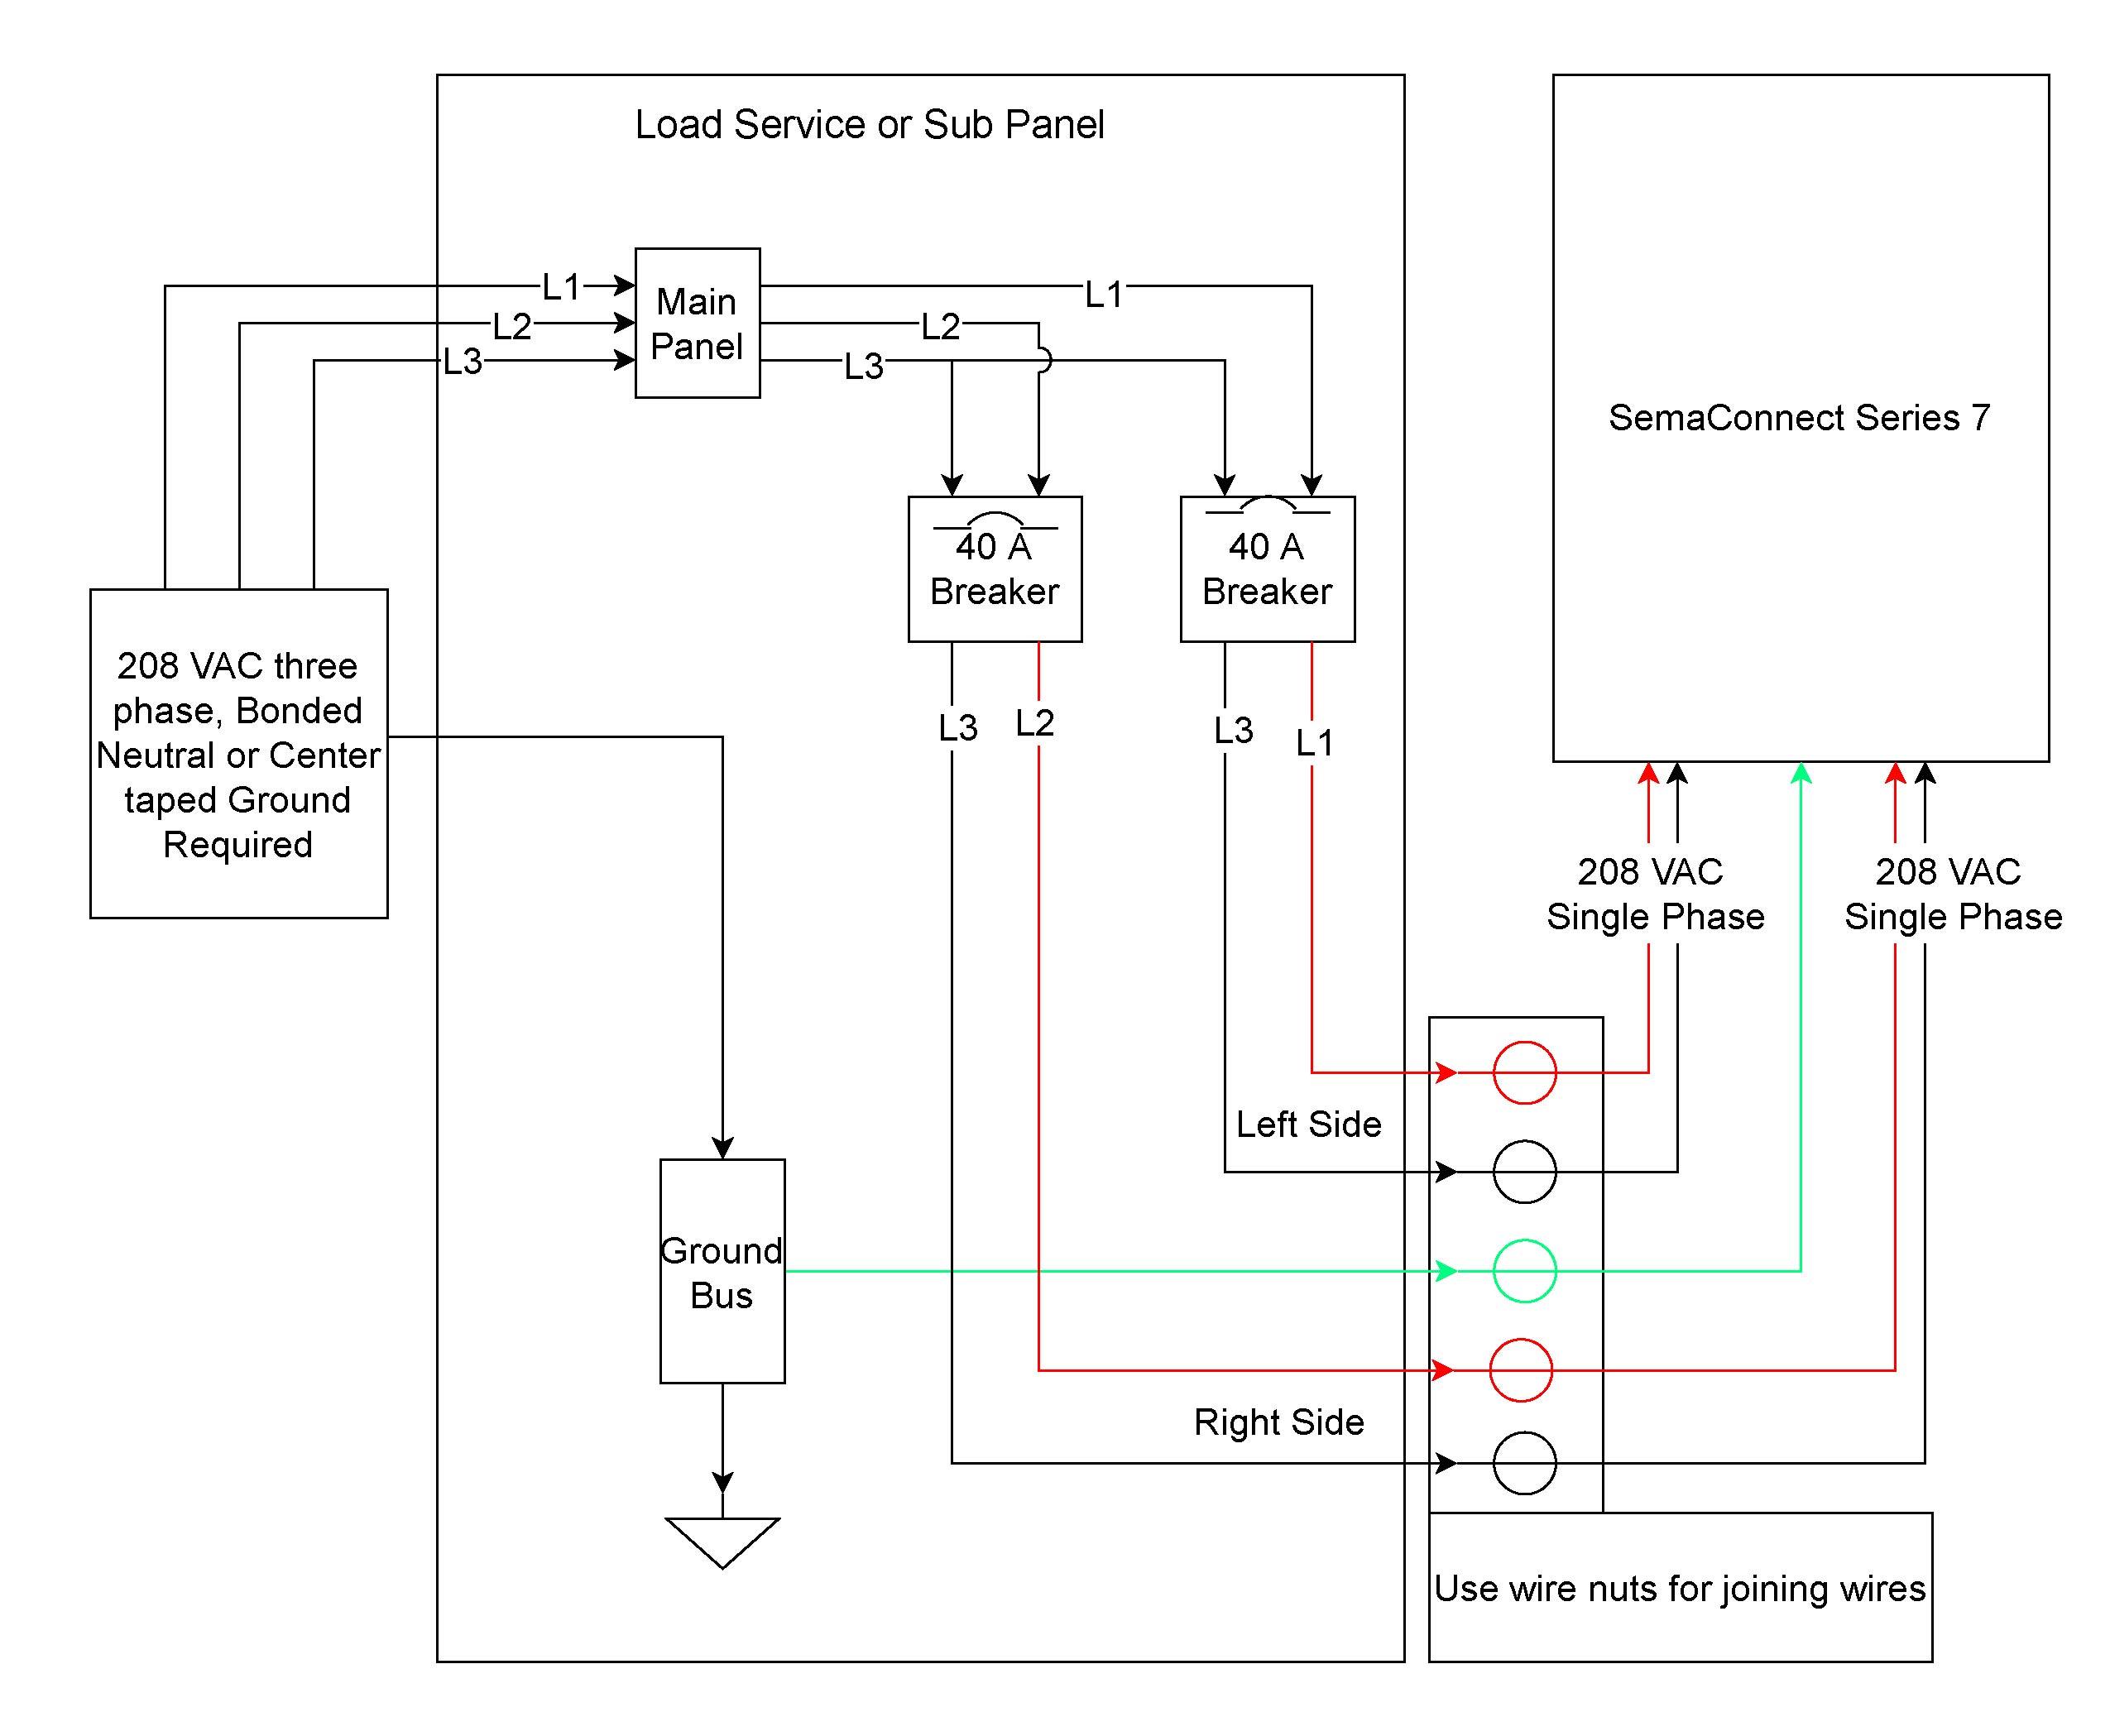 Minn Kota Deckhand 40 Wiring Diagram